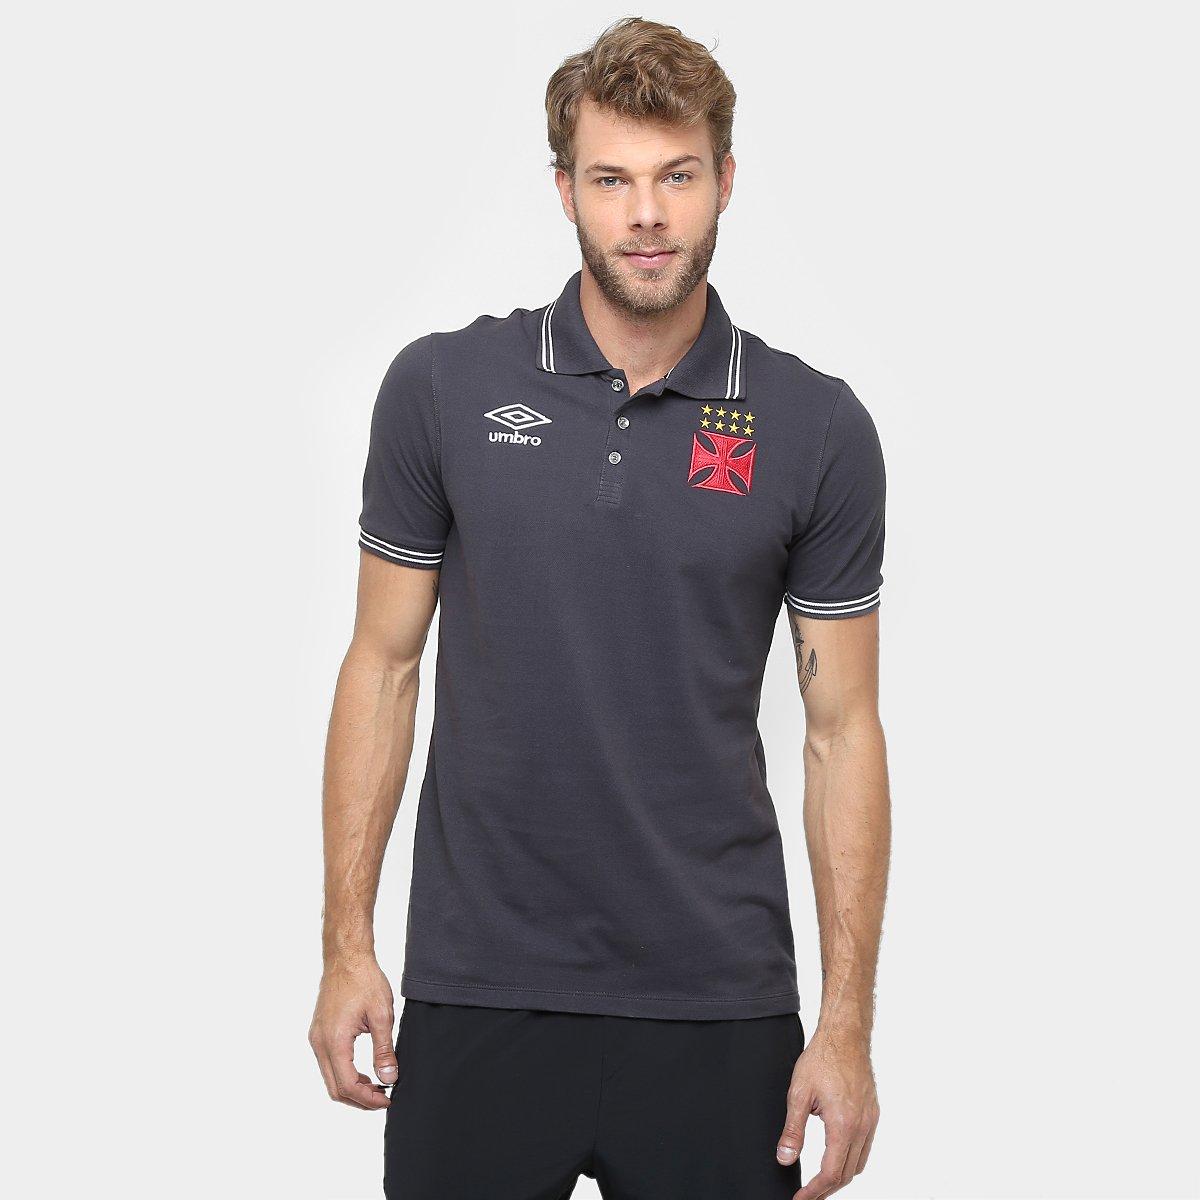 c5de3a127 Camisa Polo Vasco Umbro Viagem 2016 Masculina - Compre Agora